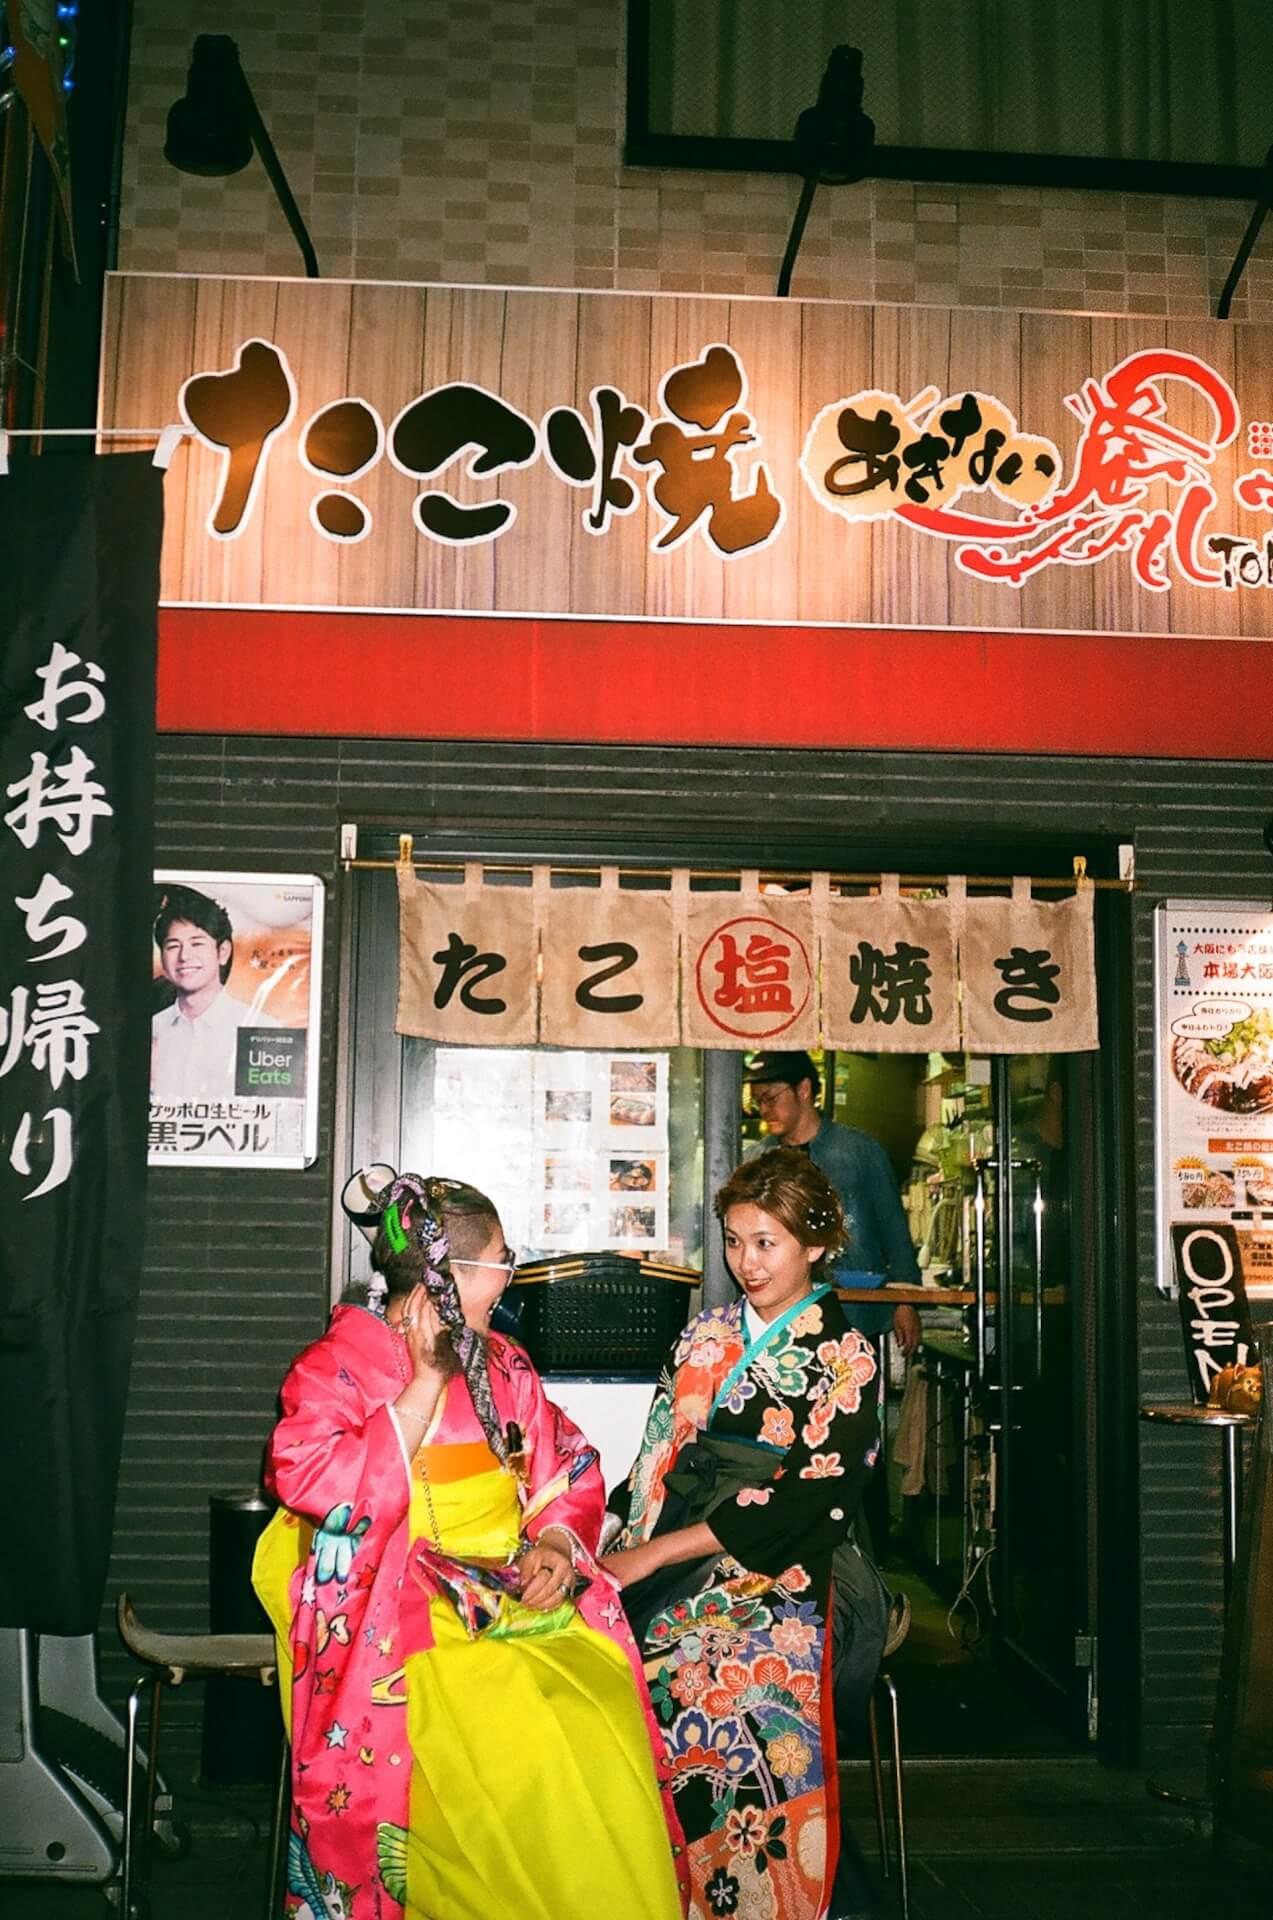 はなむけしゃしん - 竹漫&gk「竹漫は卒漫します2020🌸feat. gk」 art200408_hanamukeshashin4_3